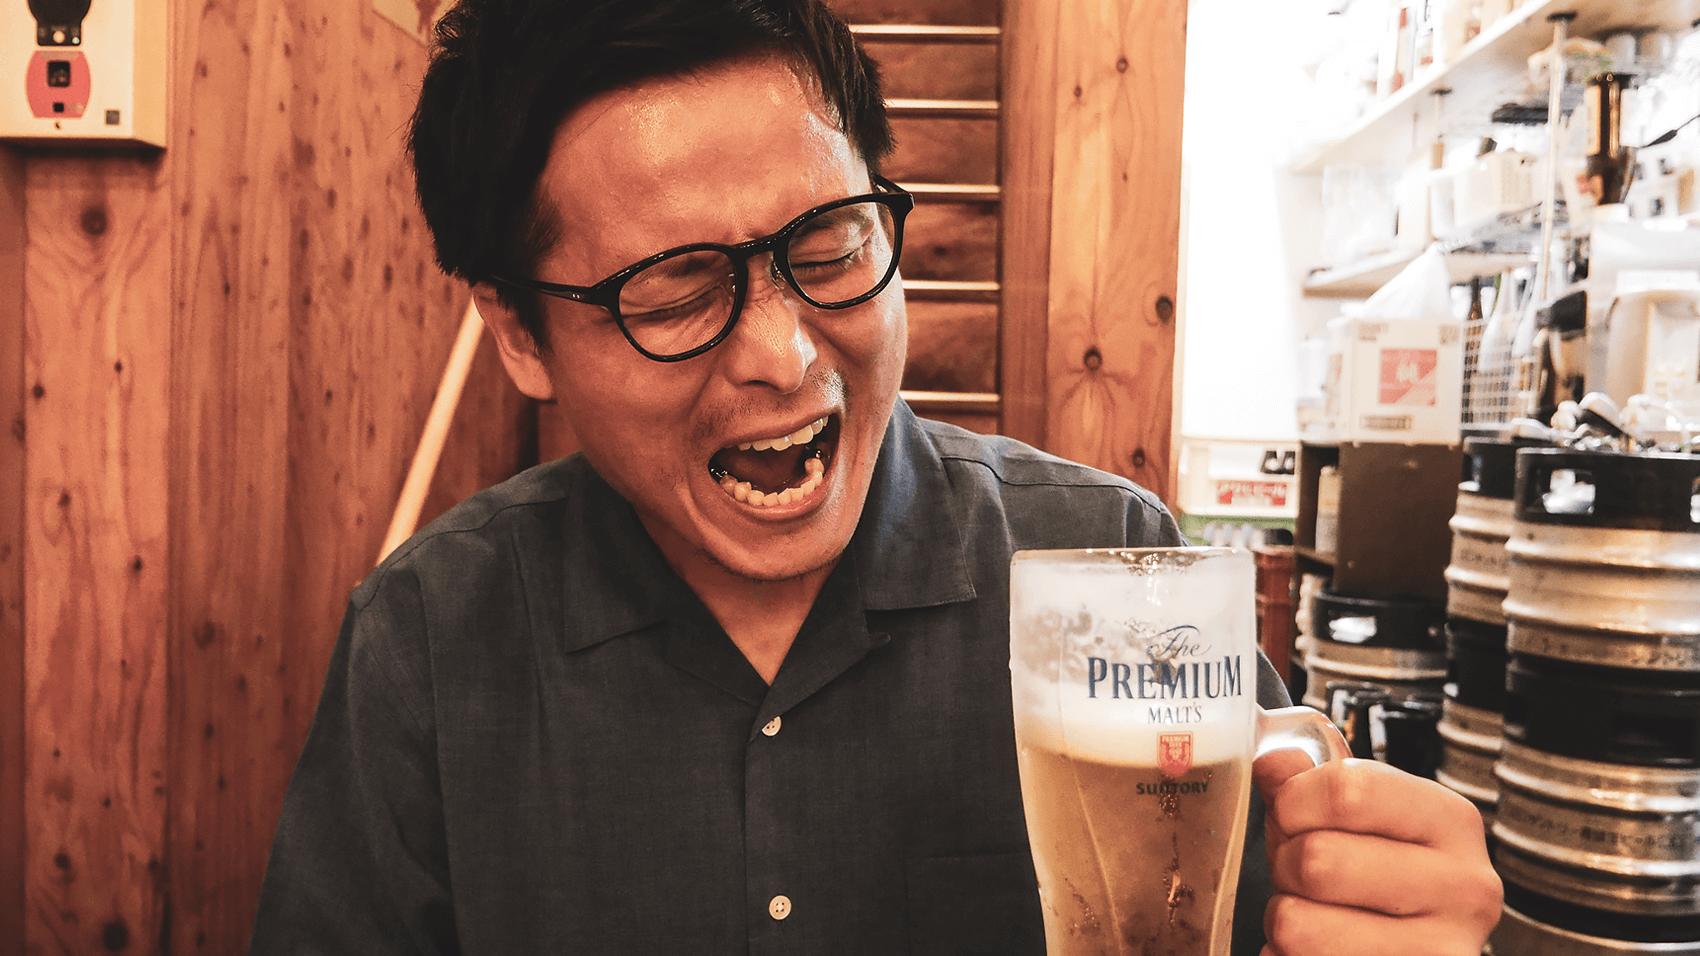 ビール飲んでるところ